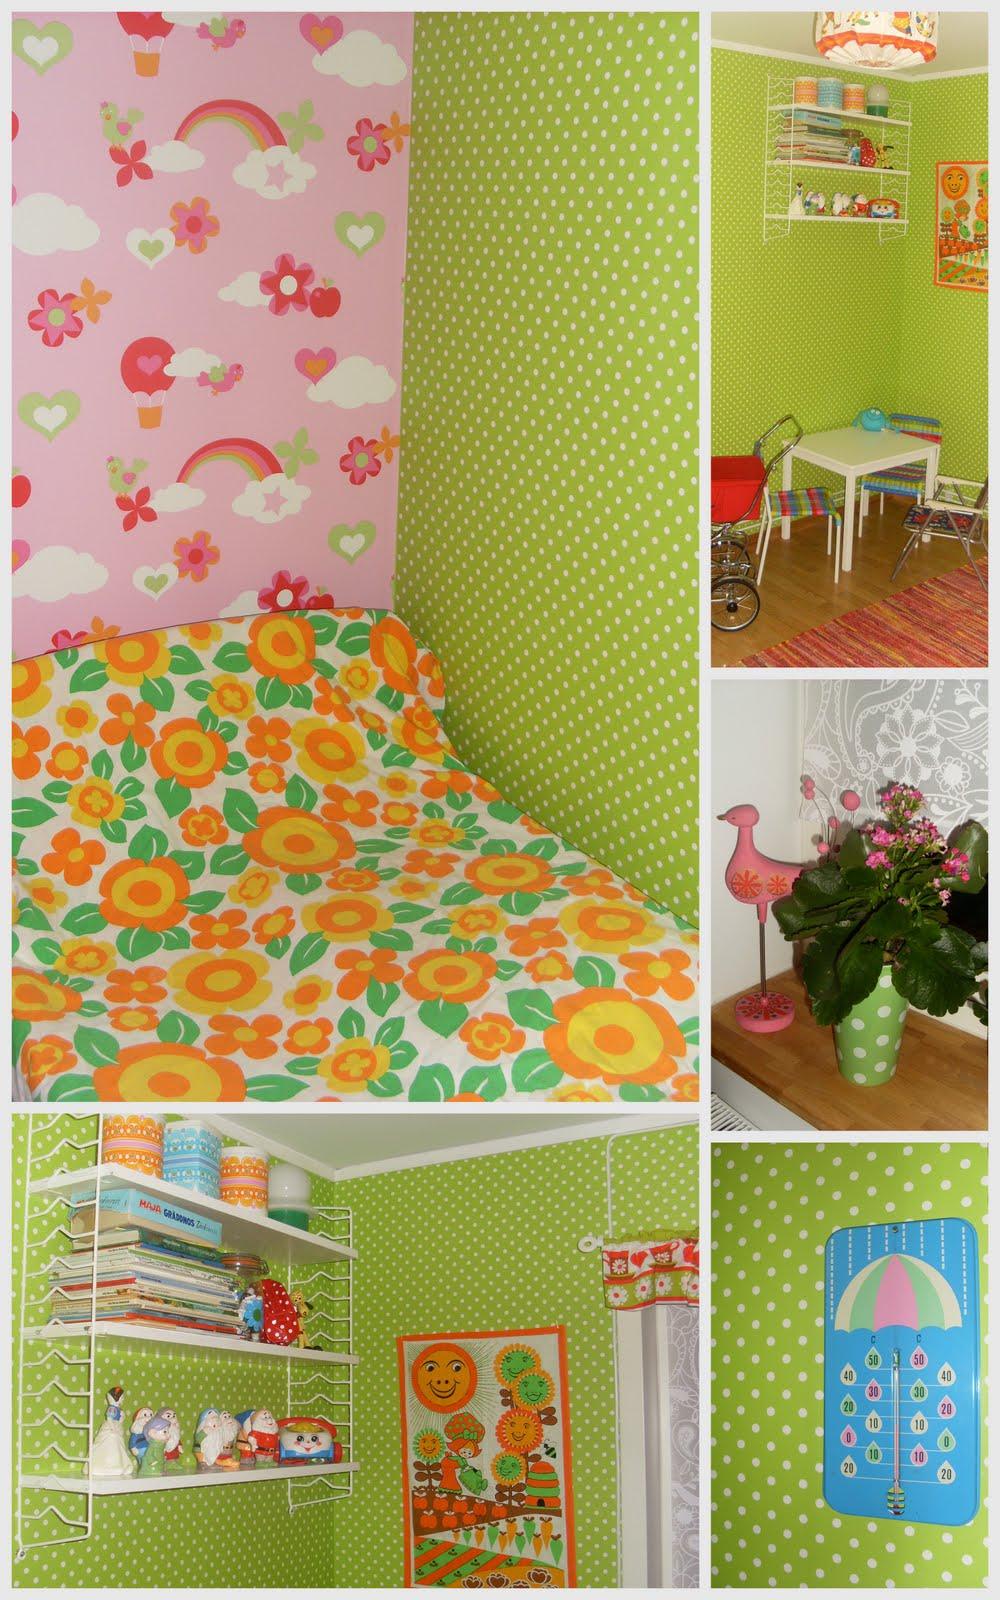 SaaX - Ögongodis från 60-70 talet: Färgglatt barnrum